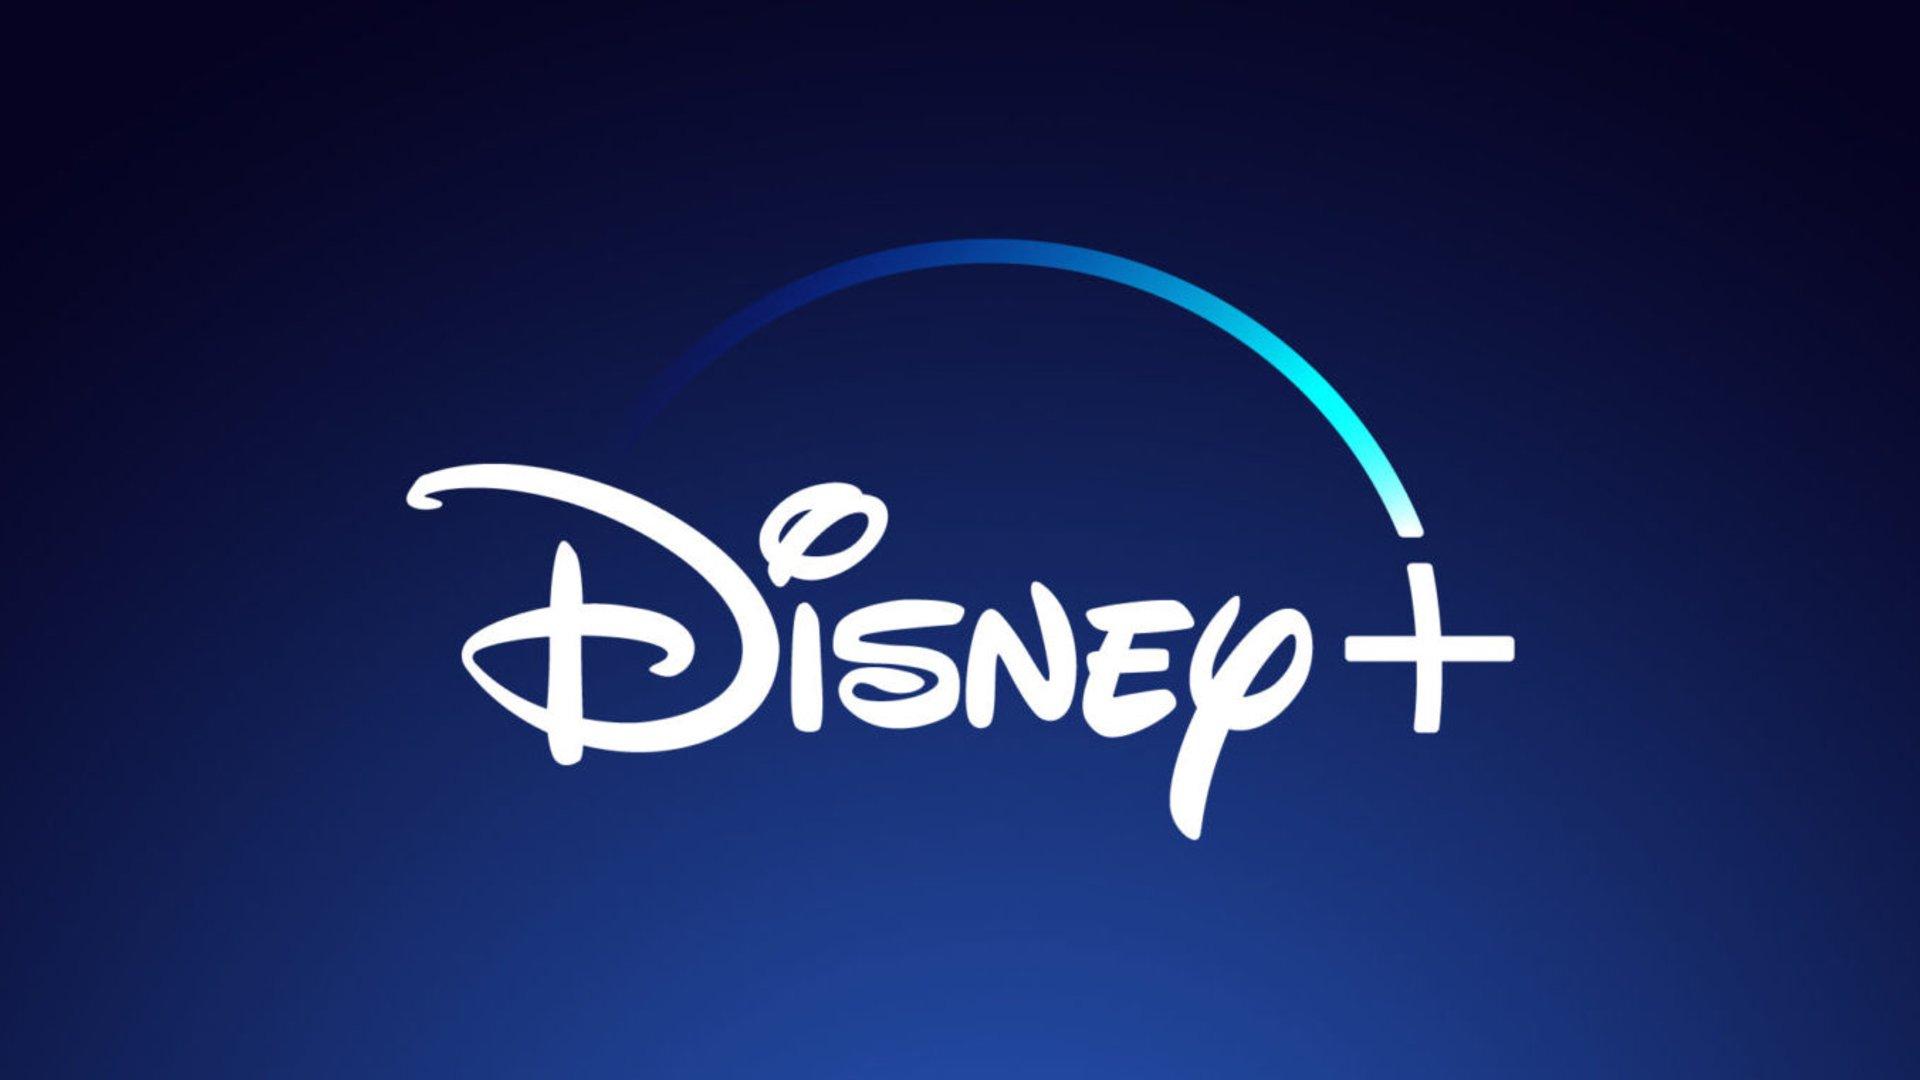 Disney+ im Probe-Abo testen? Alle Infos zur Probewoche · KINO.de